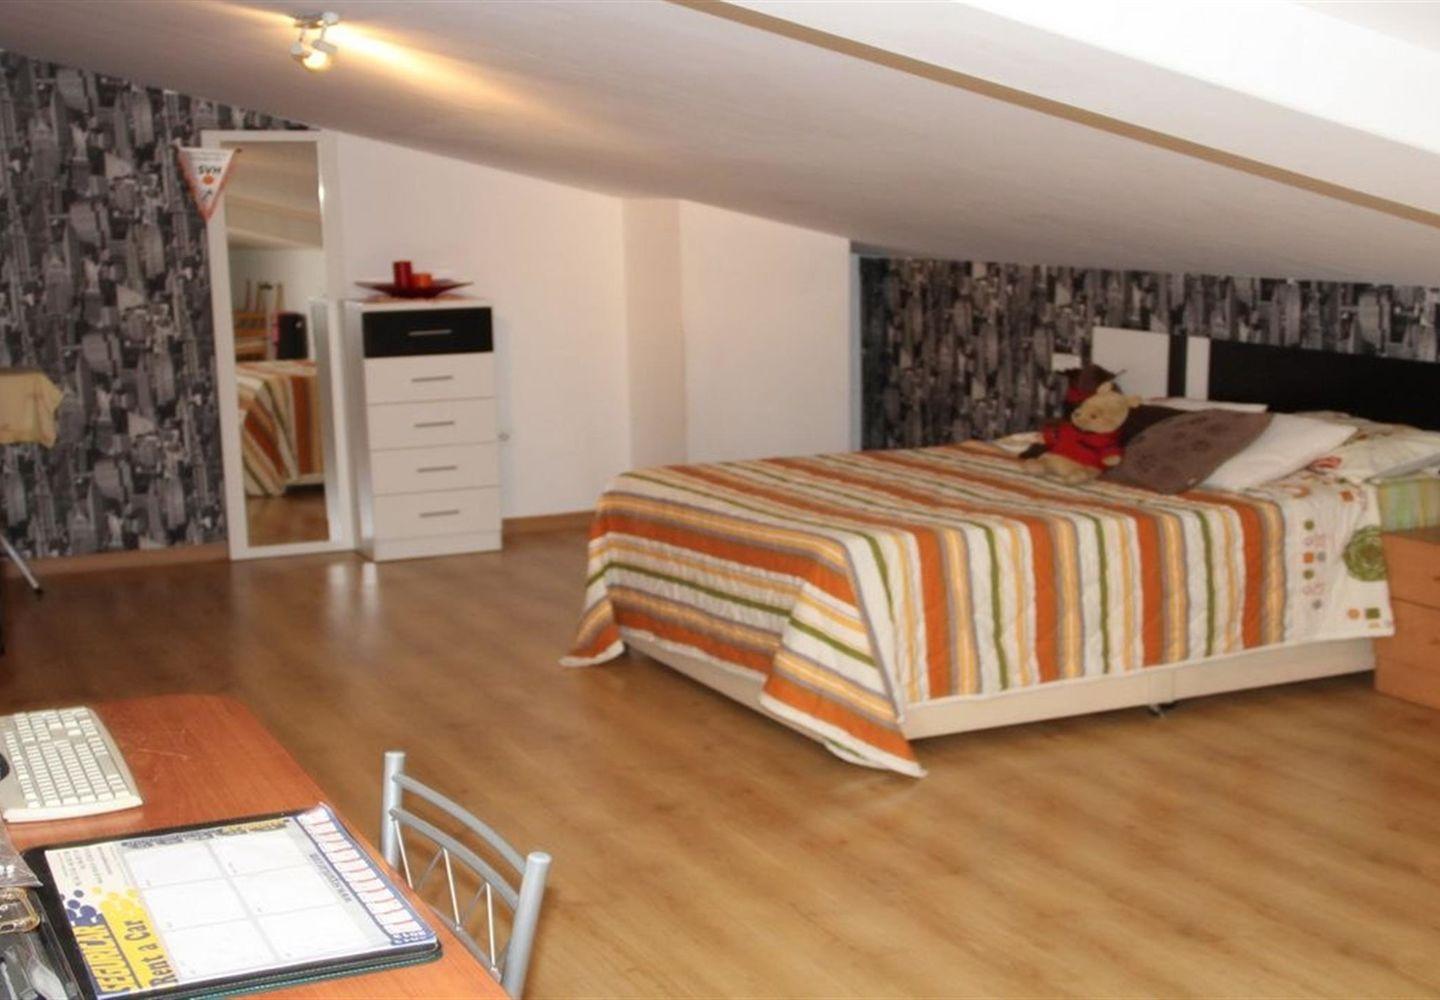 CASALINA ESPANA vous propose en vente un appartement duplex meublé de 87 m² à La Nucia, Costa Blanca Nord, avec vue sur les montagnes, connue pour sa magnifique centre du vieux village de La Nucia avec sa Plaza Mayor, l'église du 18ème siècle, l'anc